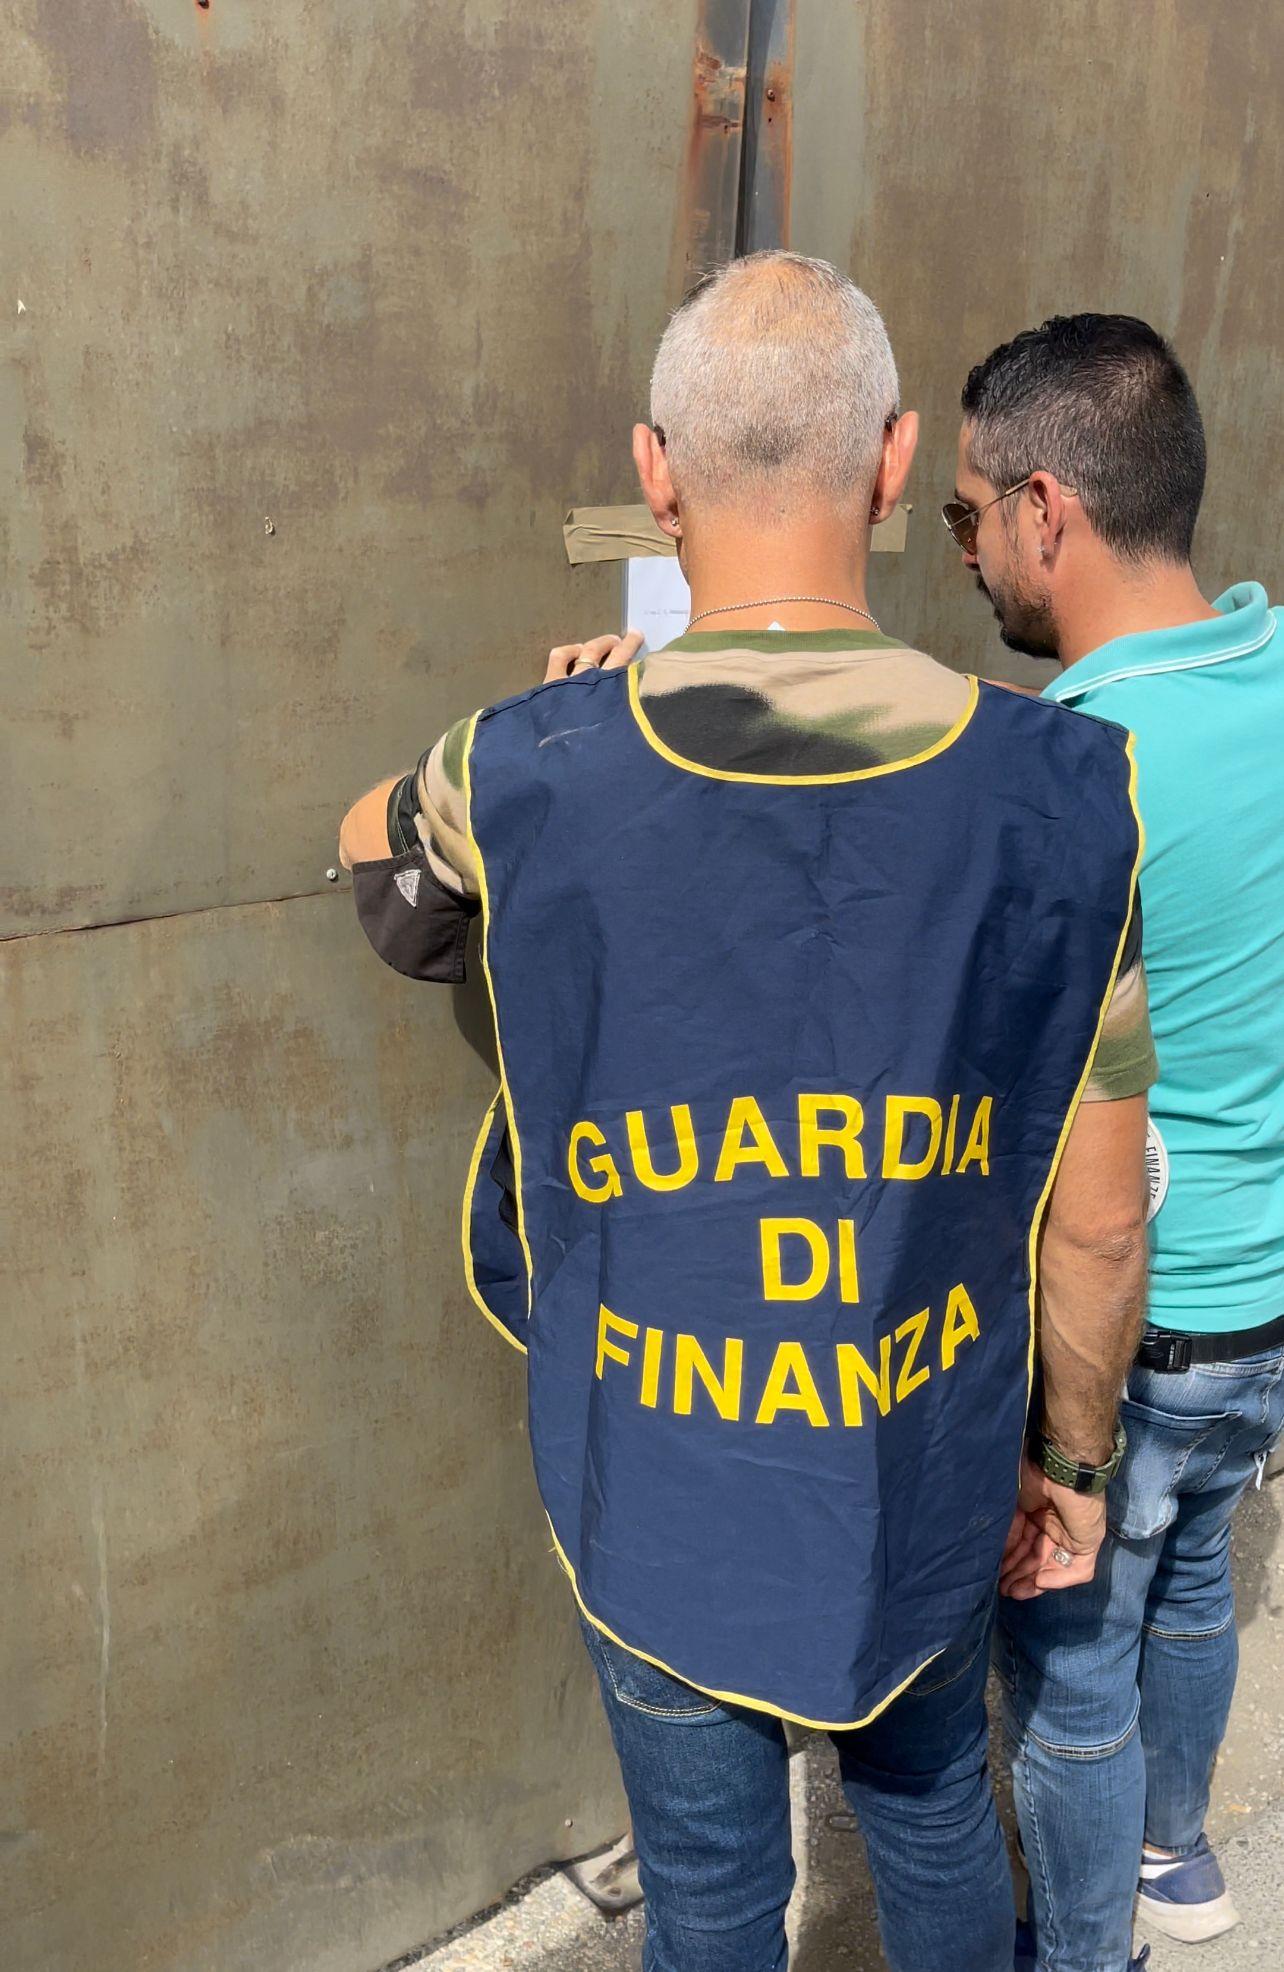 Marino, scoperta dalla Guardia di Finanza una discarica abusiva con annessa officina, denunciata una persona